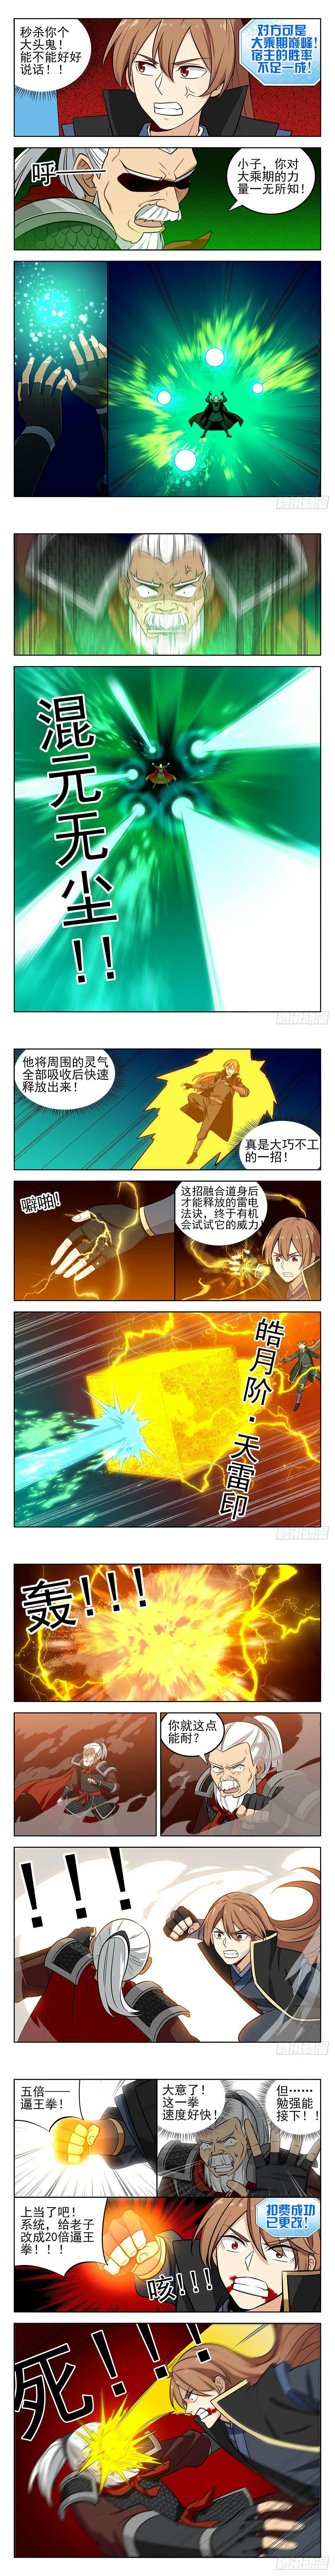 【漫画更新】最强反套路系统  265